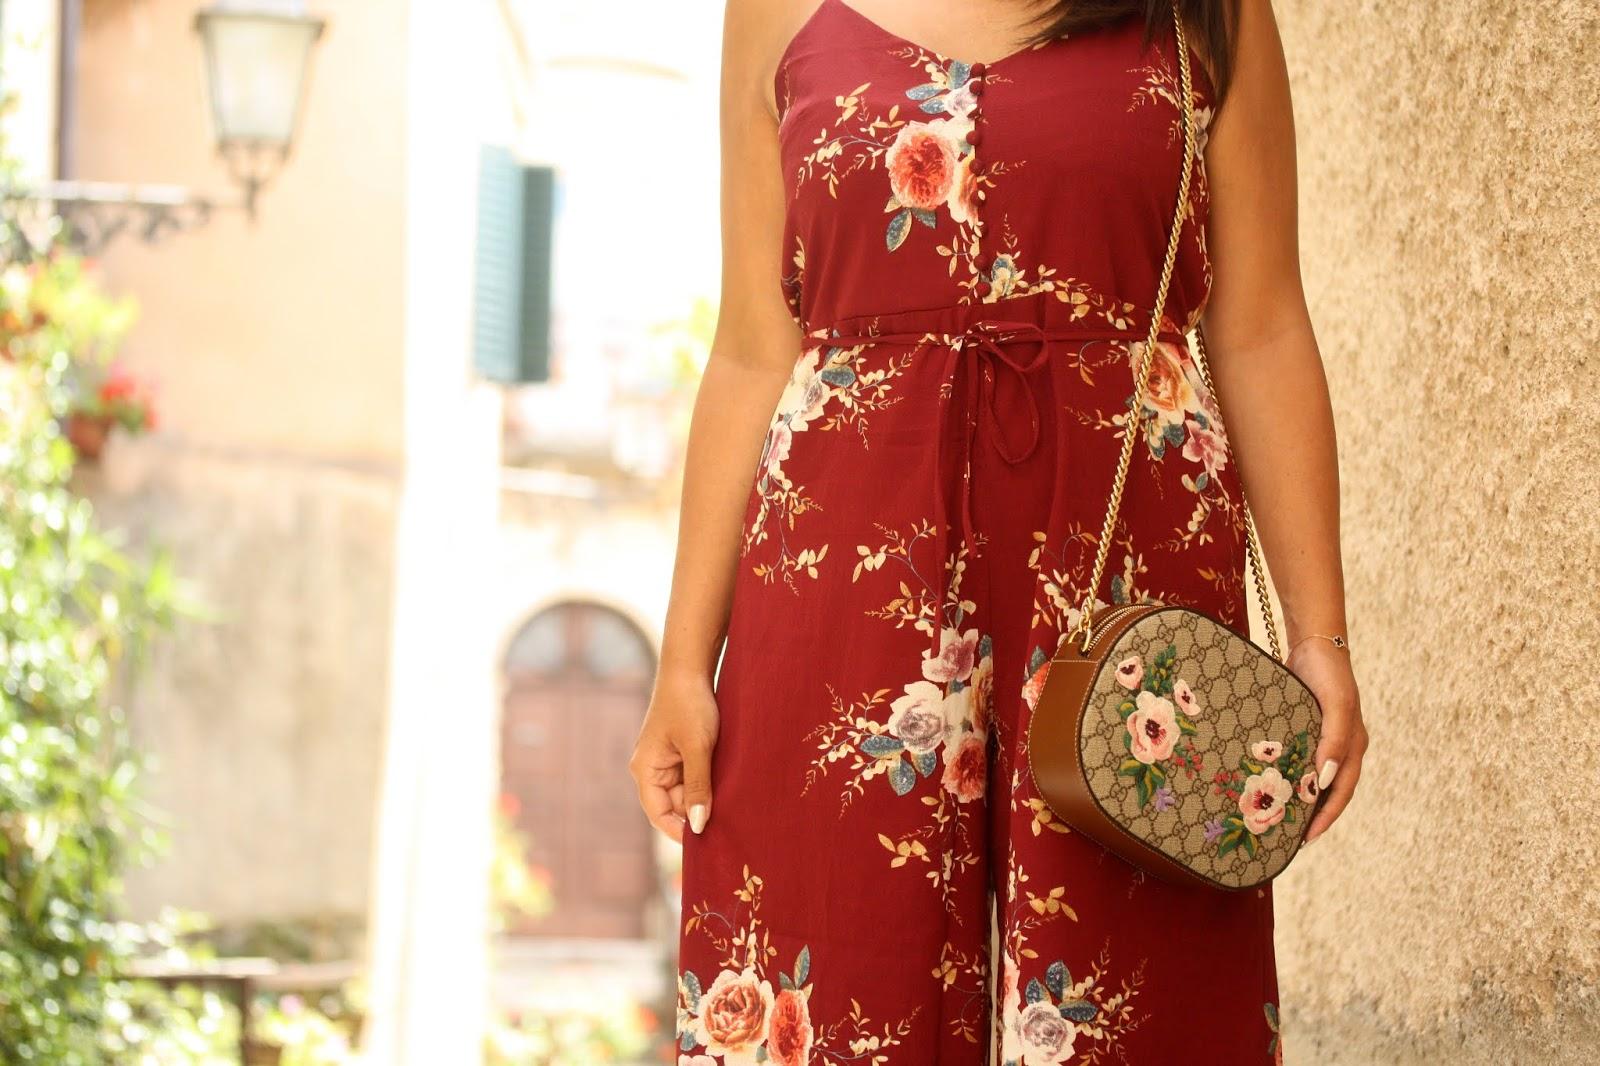 b9f8492217 Tuta a fiori, borsa Gucci a fiori, tra vicoletti pieni di fiori ...